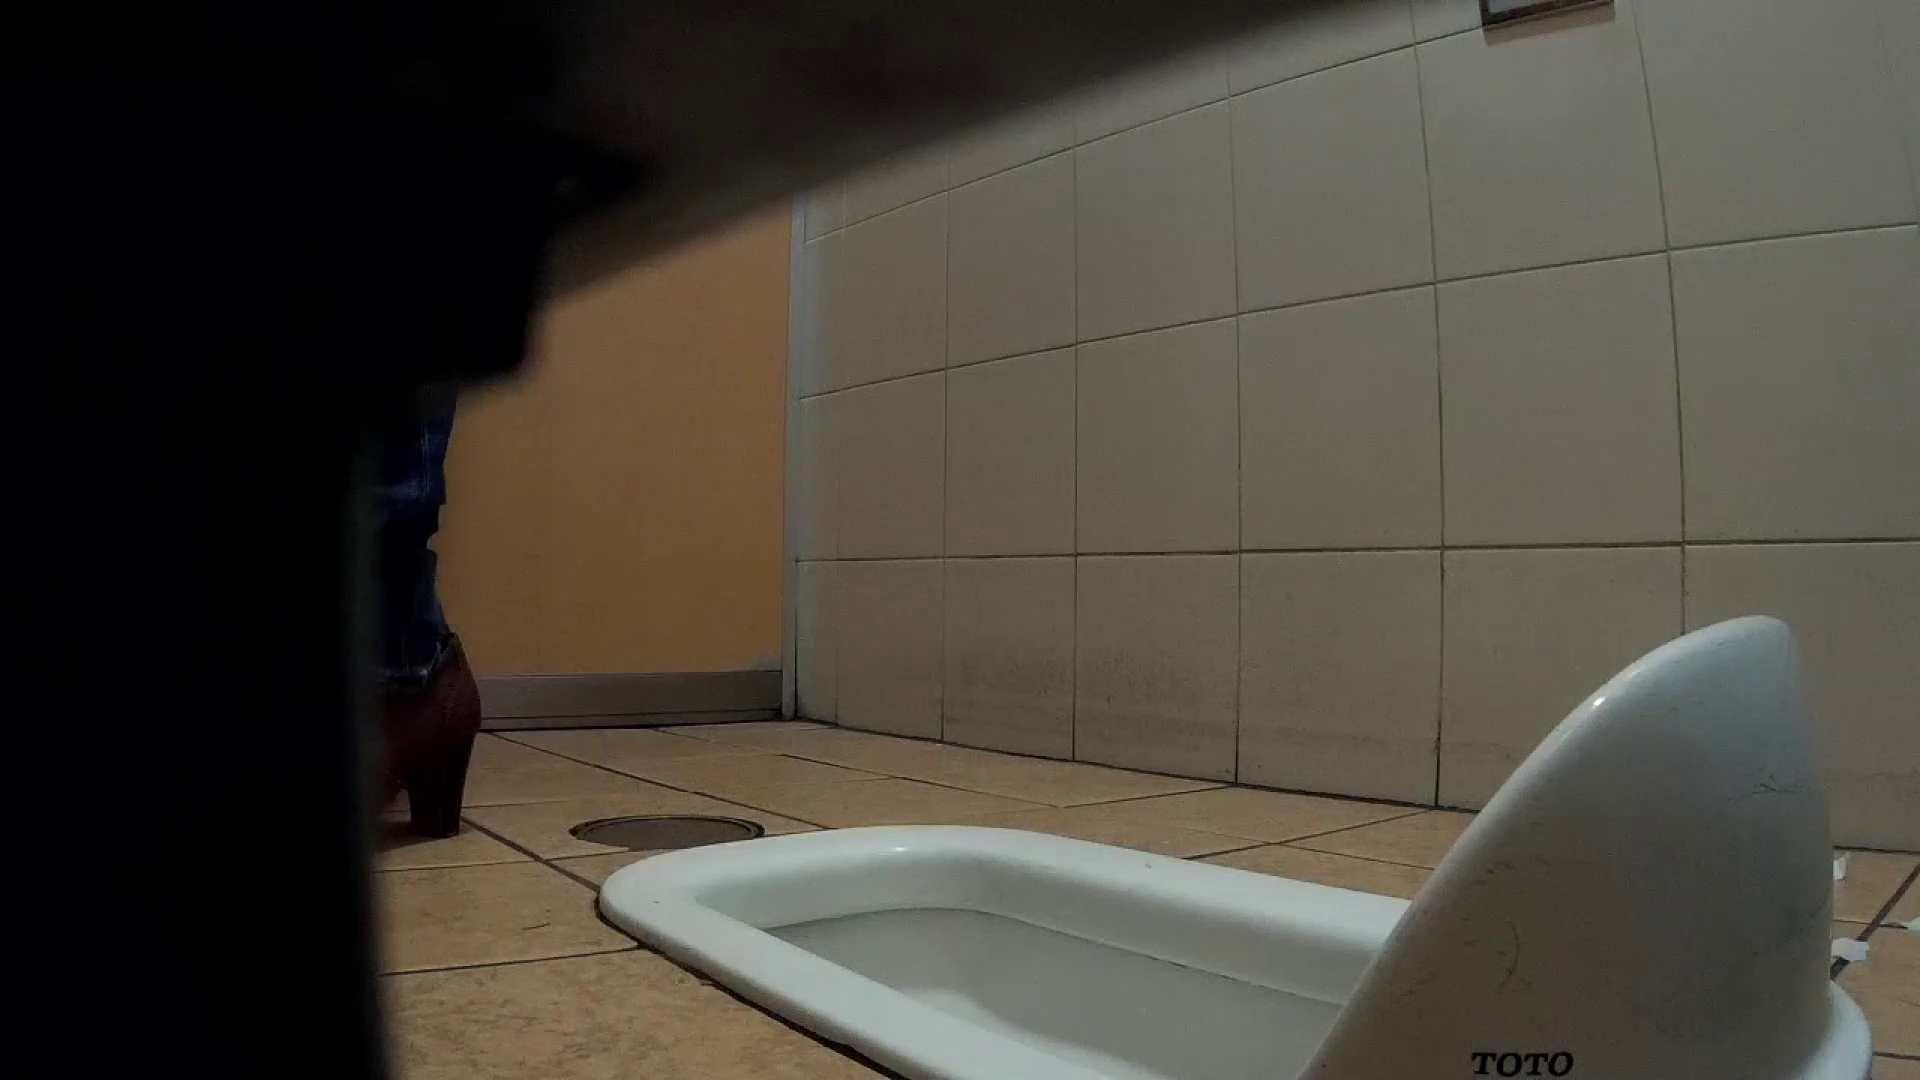 痴態洗面所 Vol.11 高貴なおねぇたんがたっぷり!! 洗面所着替え | OL  37連発 10